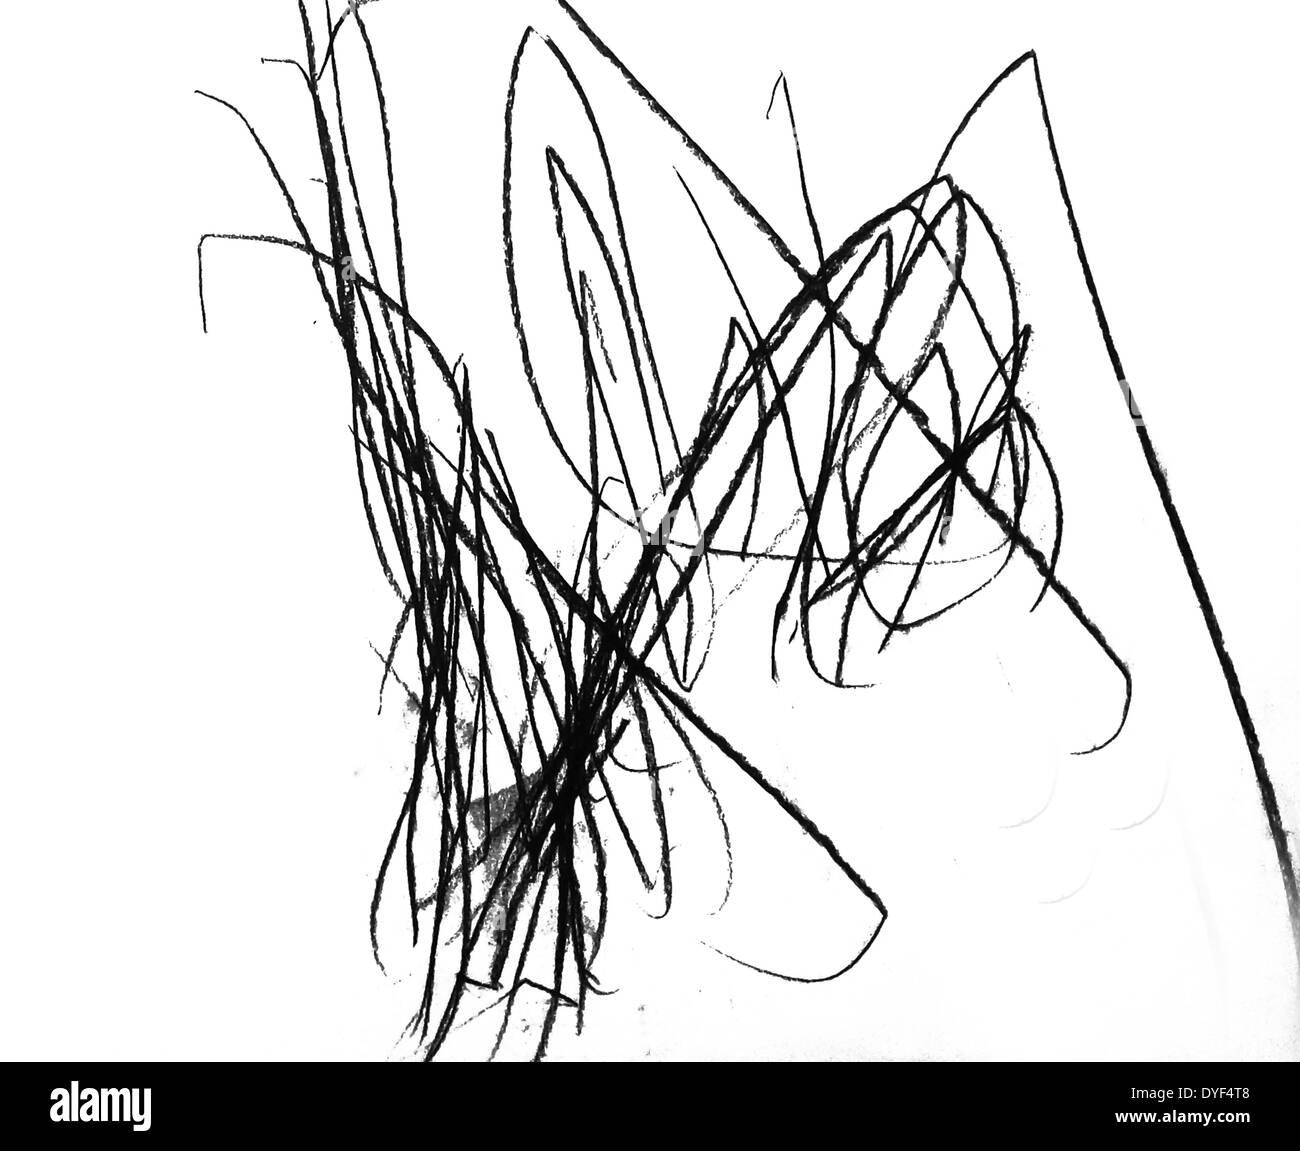 dibujo por el chimpanc congo el zoo de londres 1950s foto Uruguay Zoo dibujo por el chimpanc congo el zoo de londres 1950s